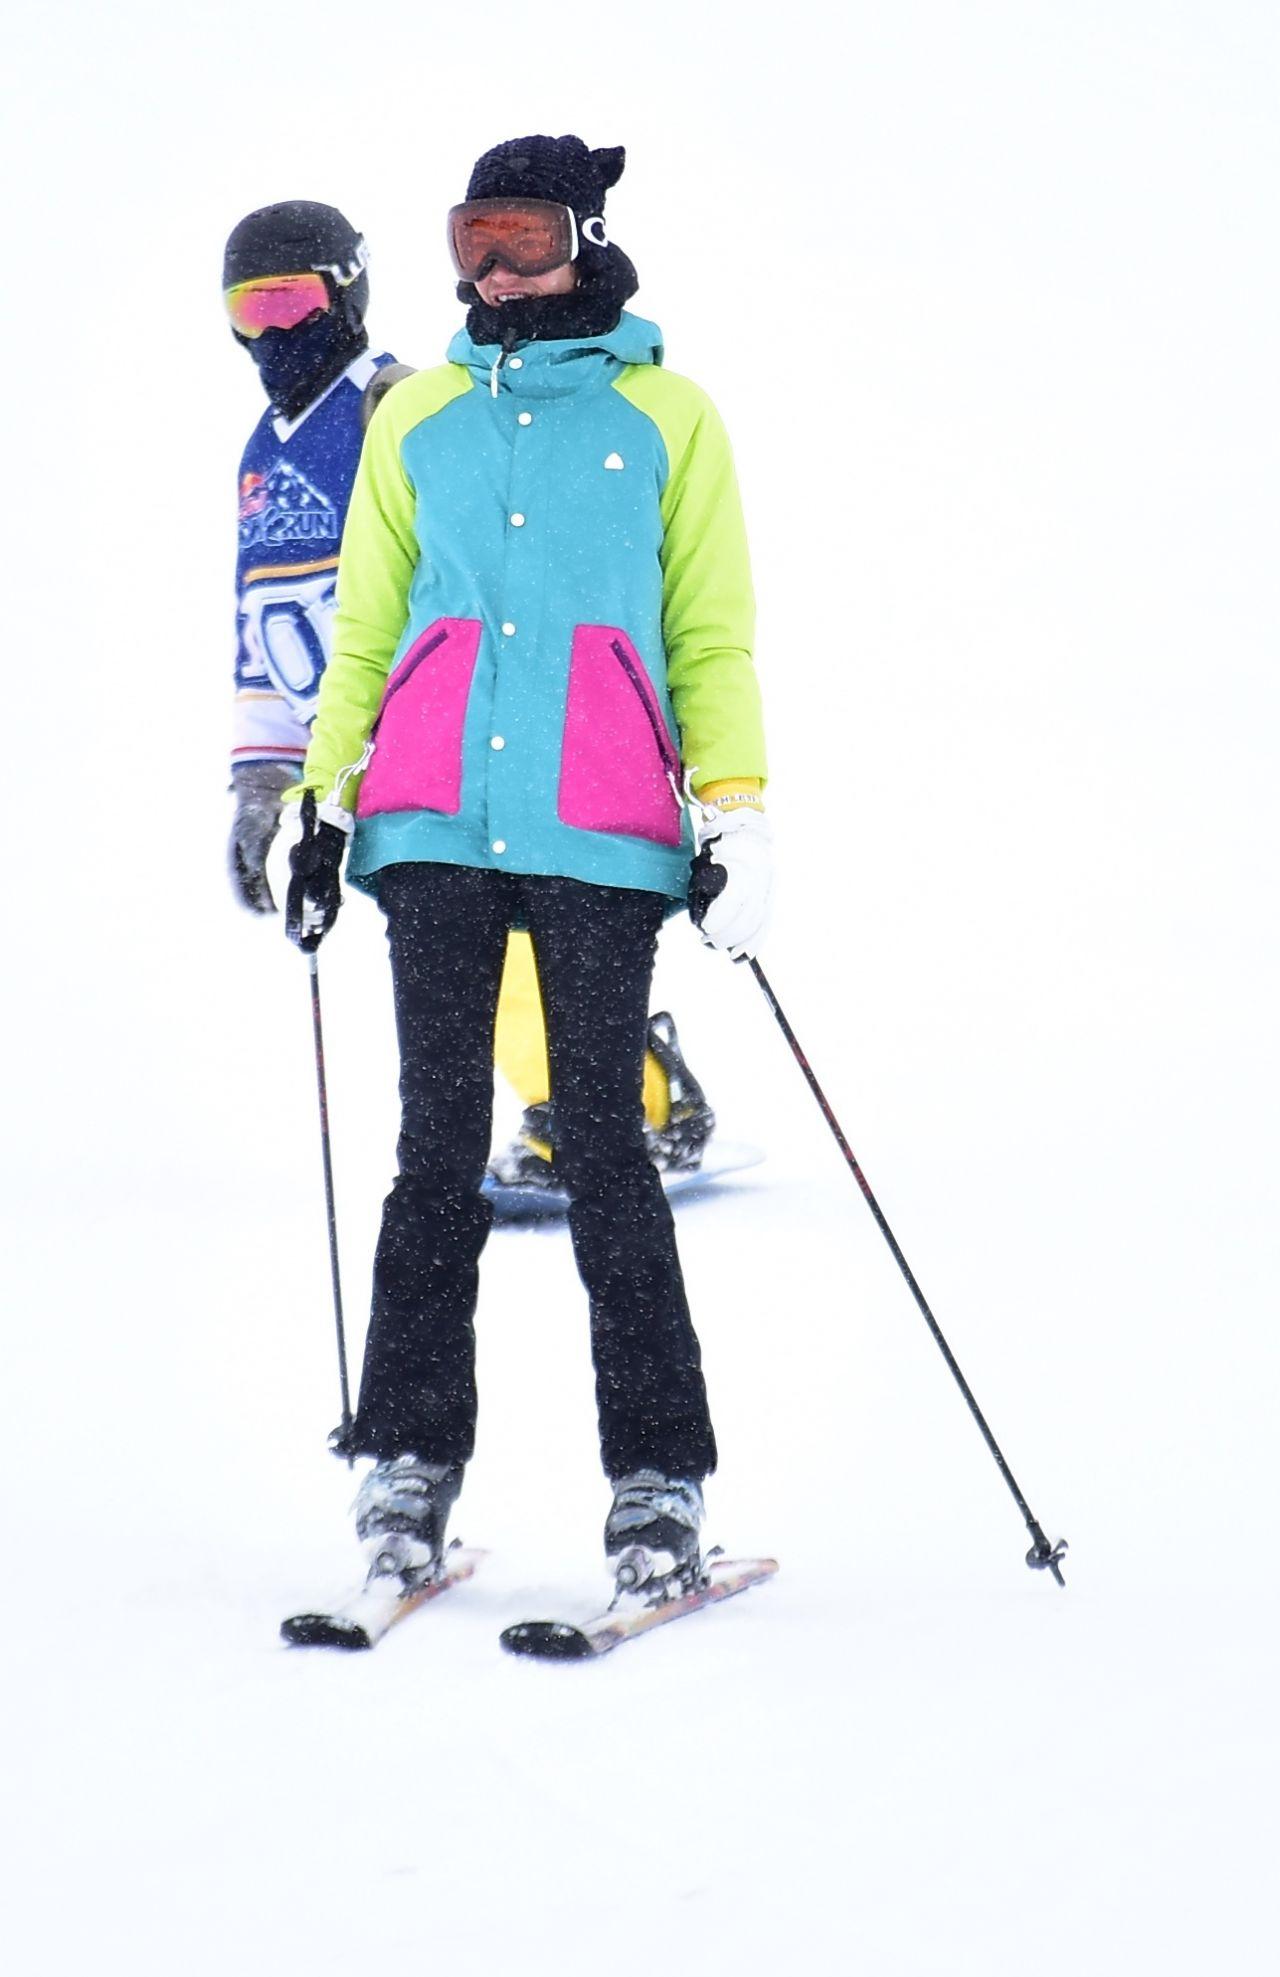 Berrak Tüzünataç ve Berk Suyabatmaz'ın kayak keyfi - Sayfa:3